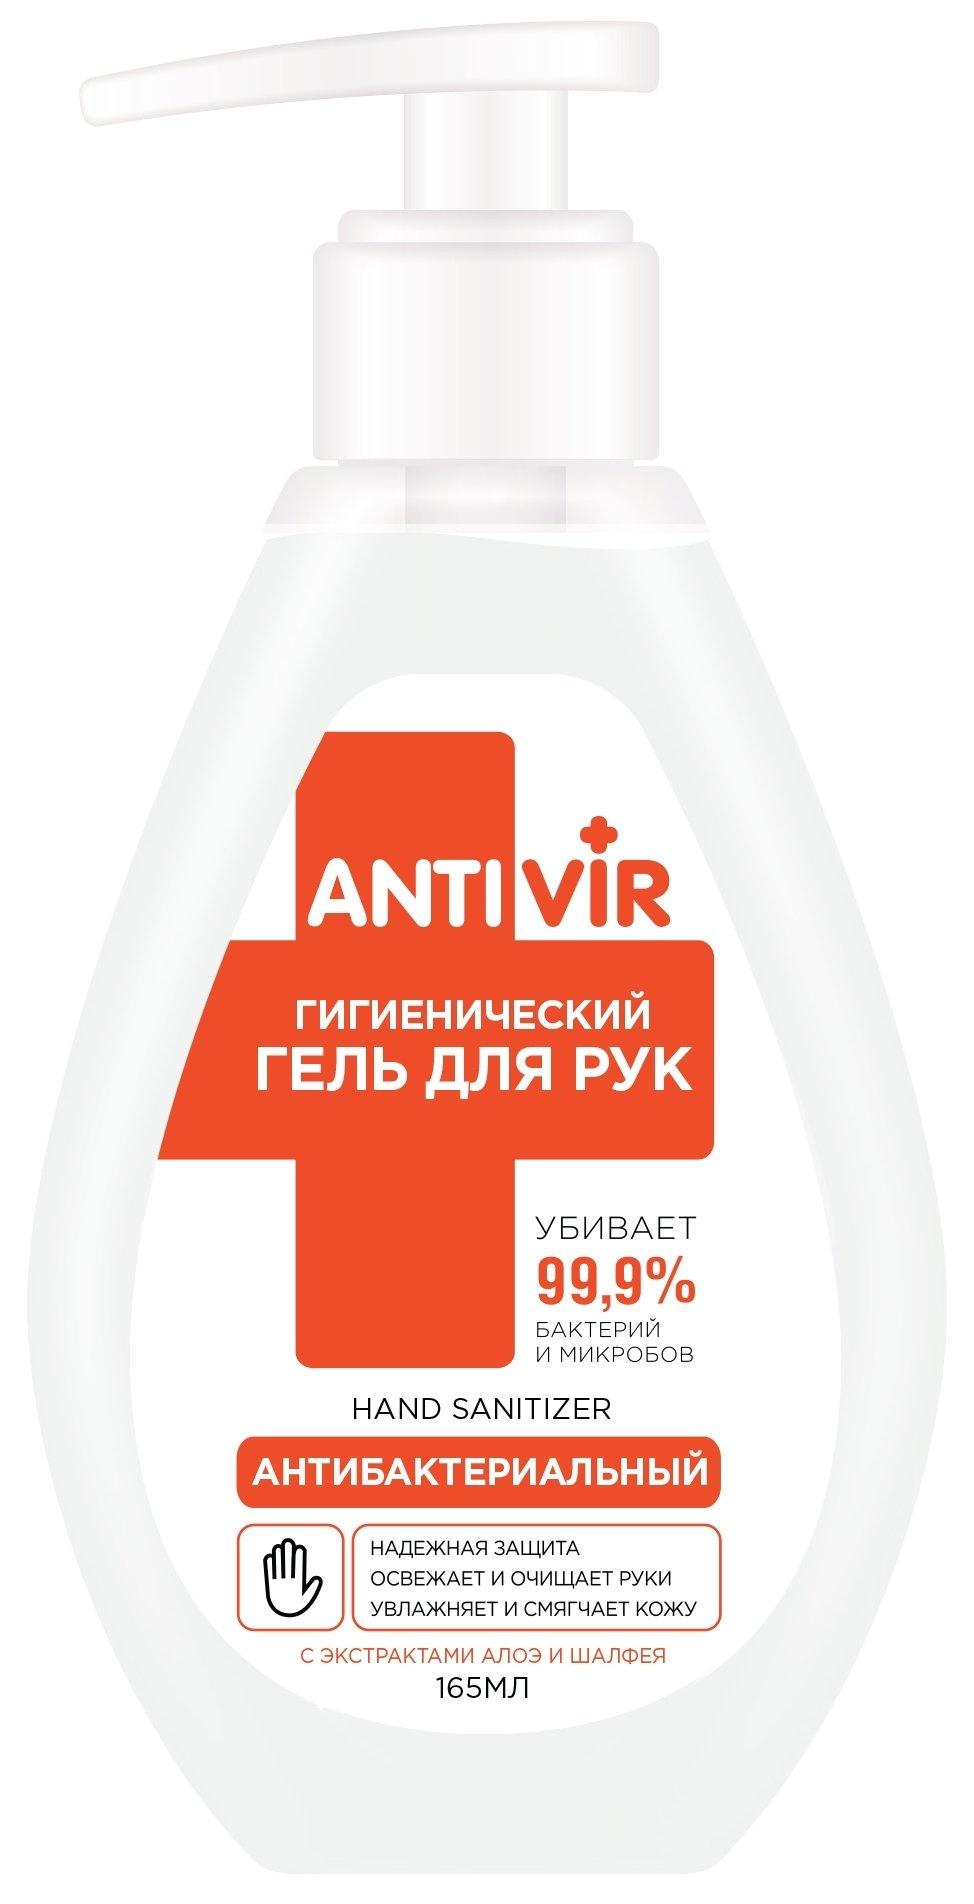 Гигиенический гель для рук с экстрактами Алоэ и Шалфея Фитокосметик Antivir